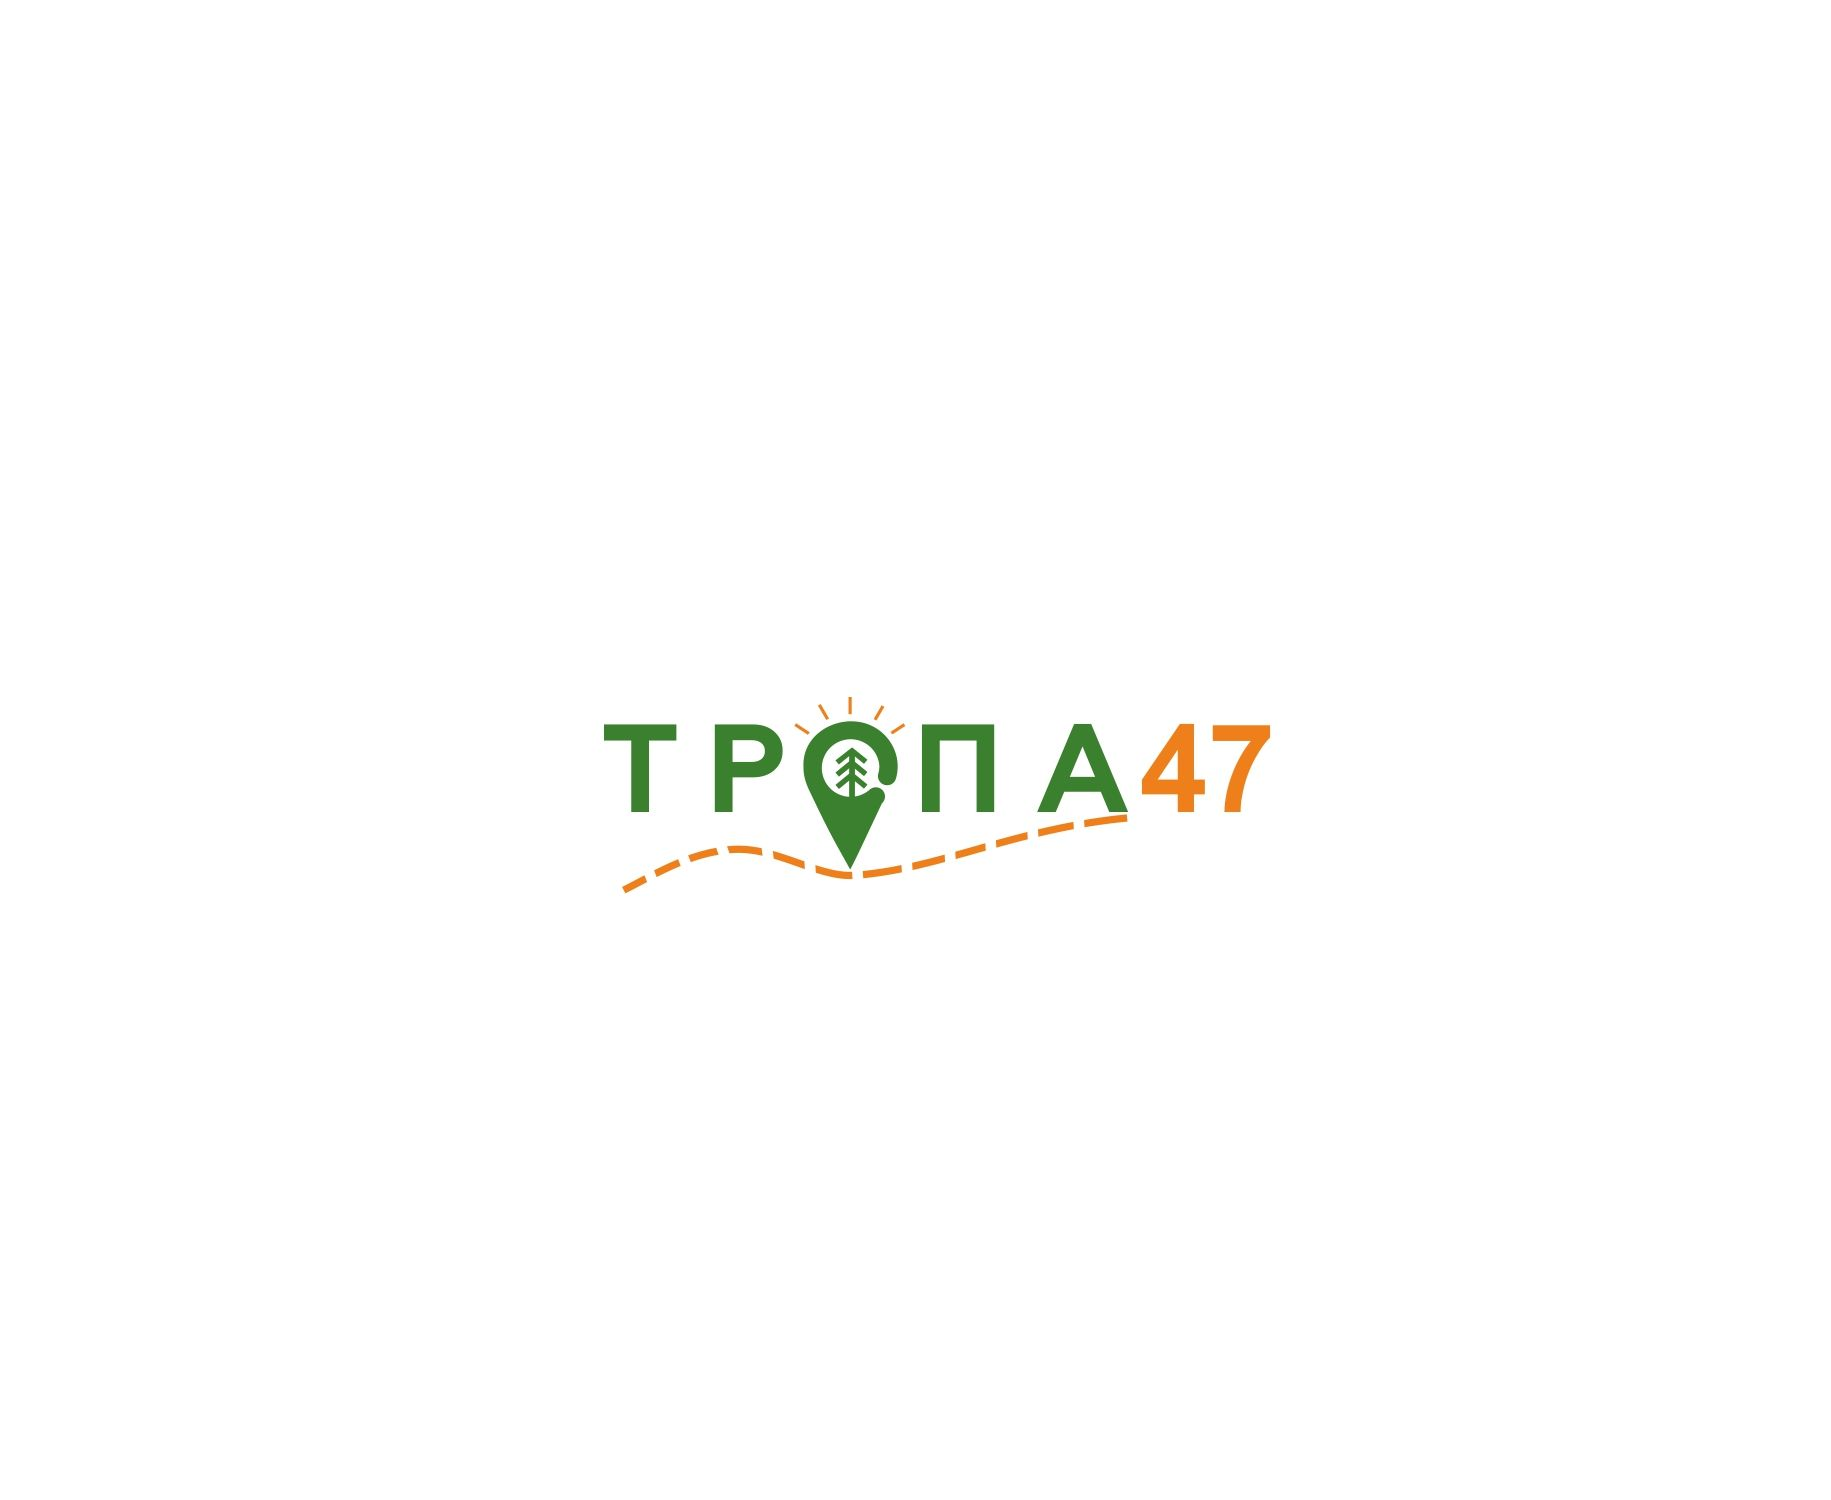 Логотип для Тропа 47 - дизайнер anstep